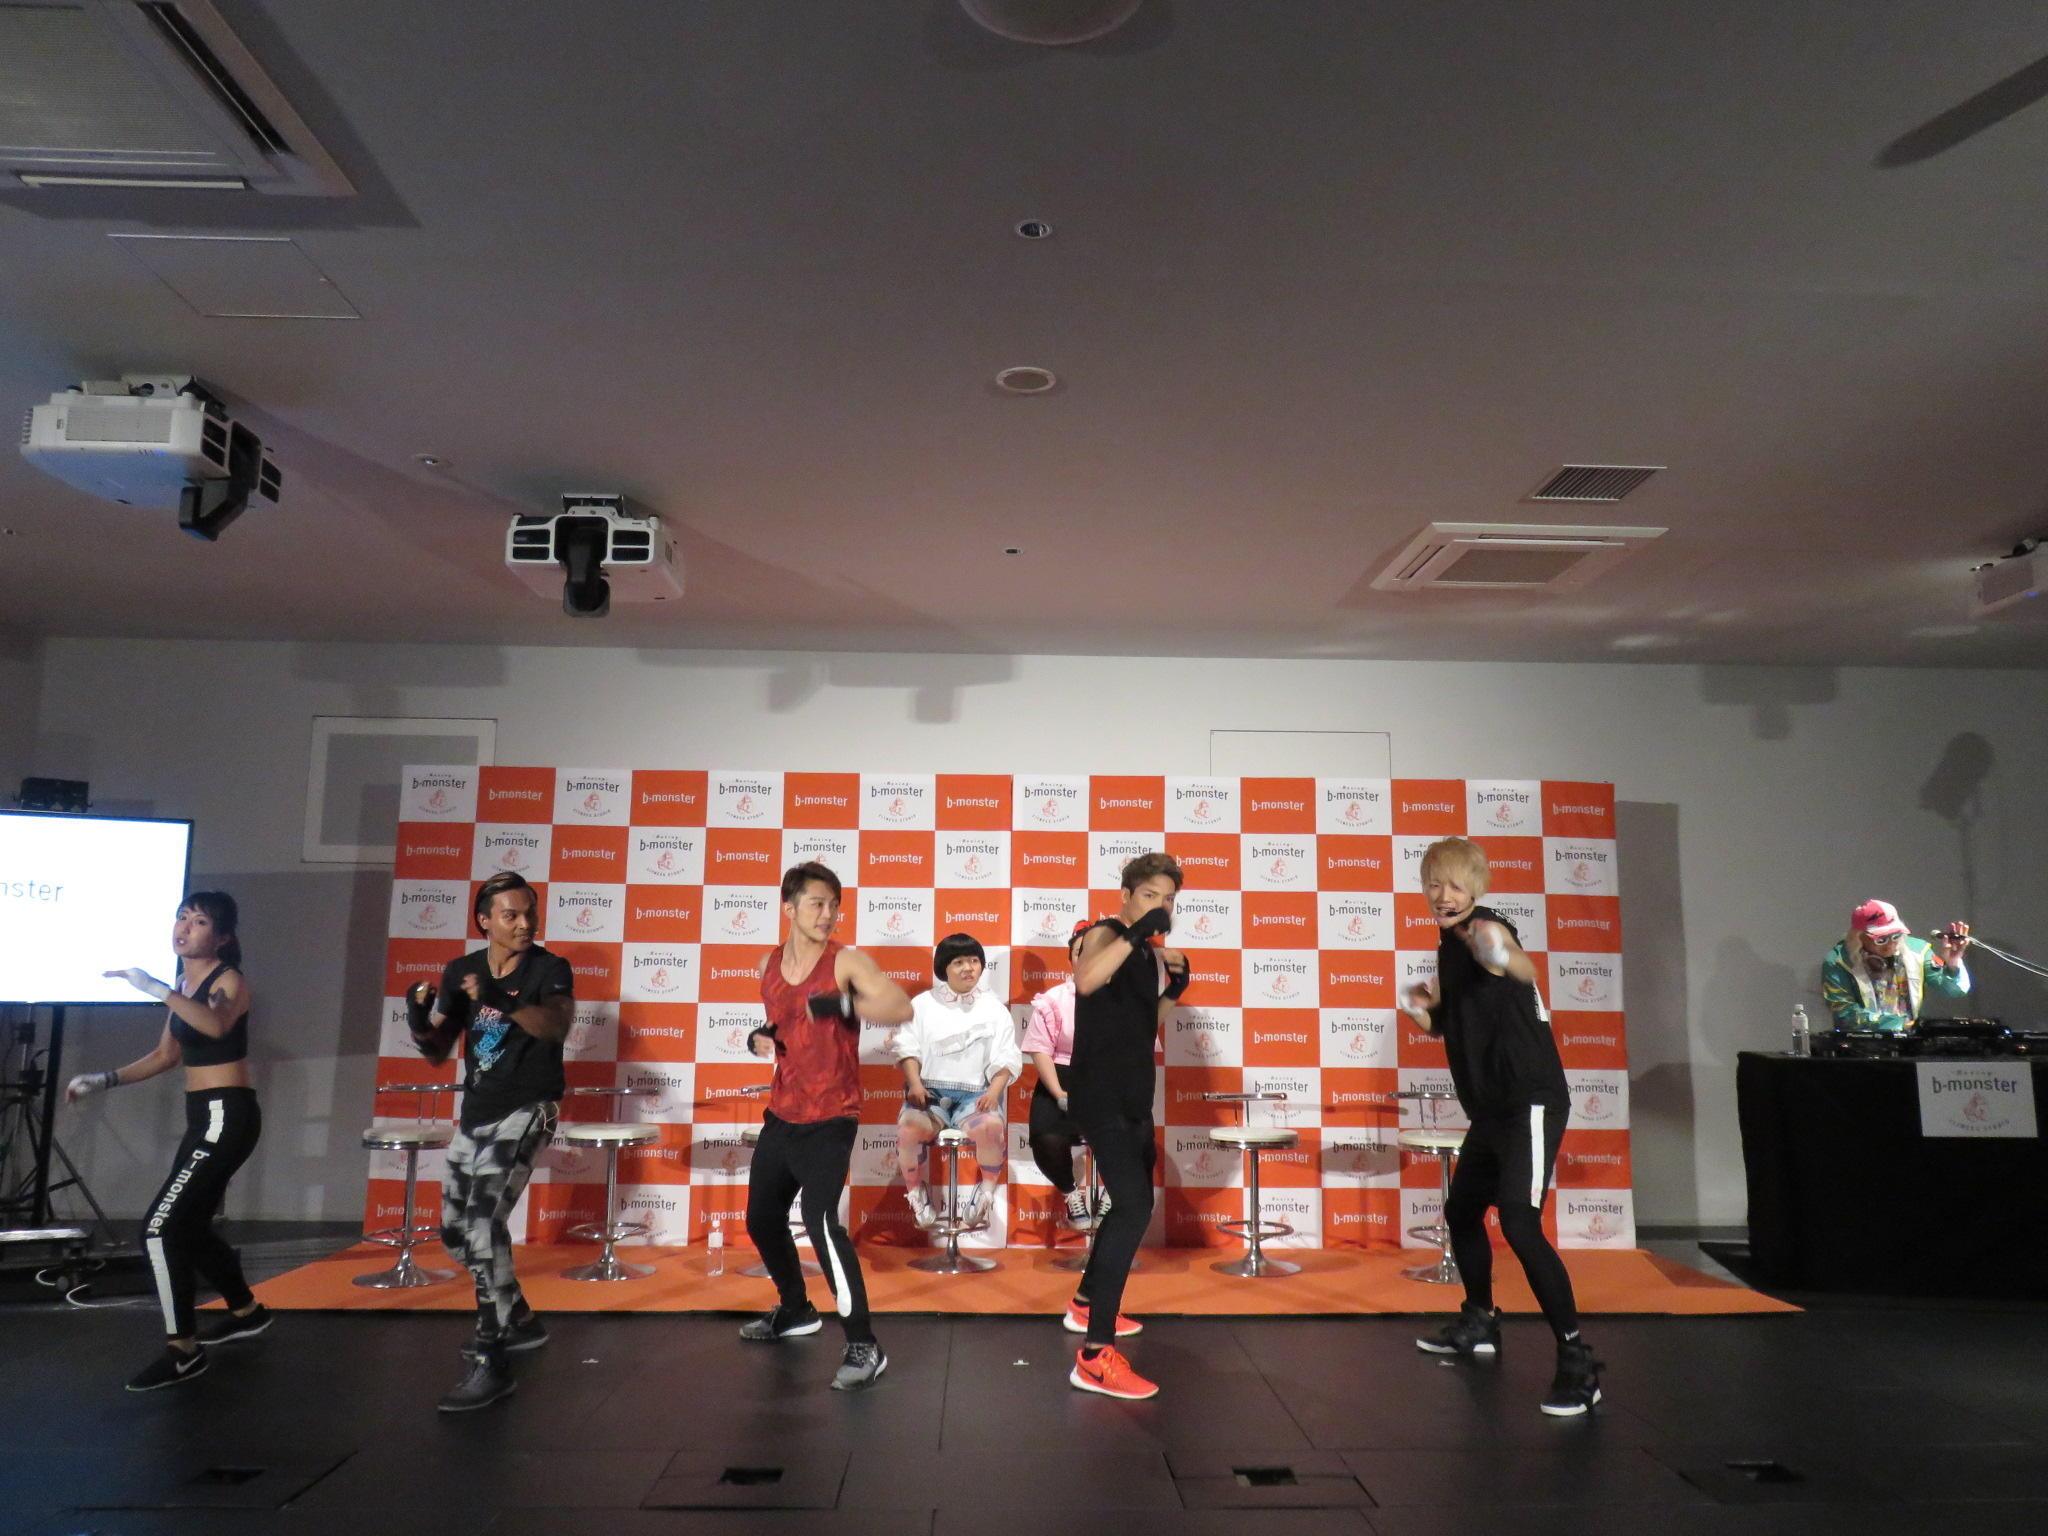 http://news.yoshimoto.co.jp/20170417193331-ad5134cfbf9e5ca565fff01781ccfb52db3779e5.jpg